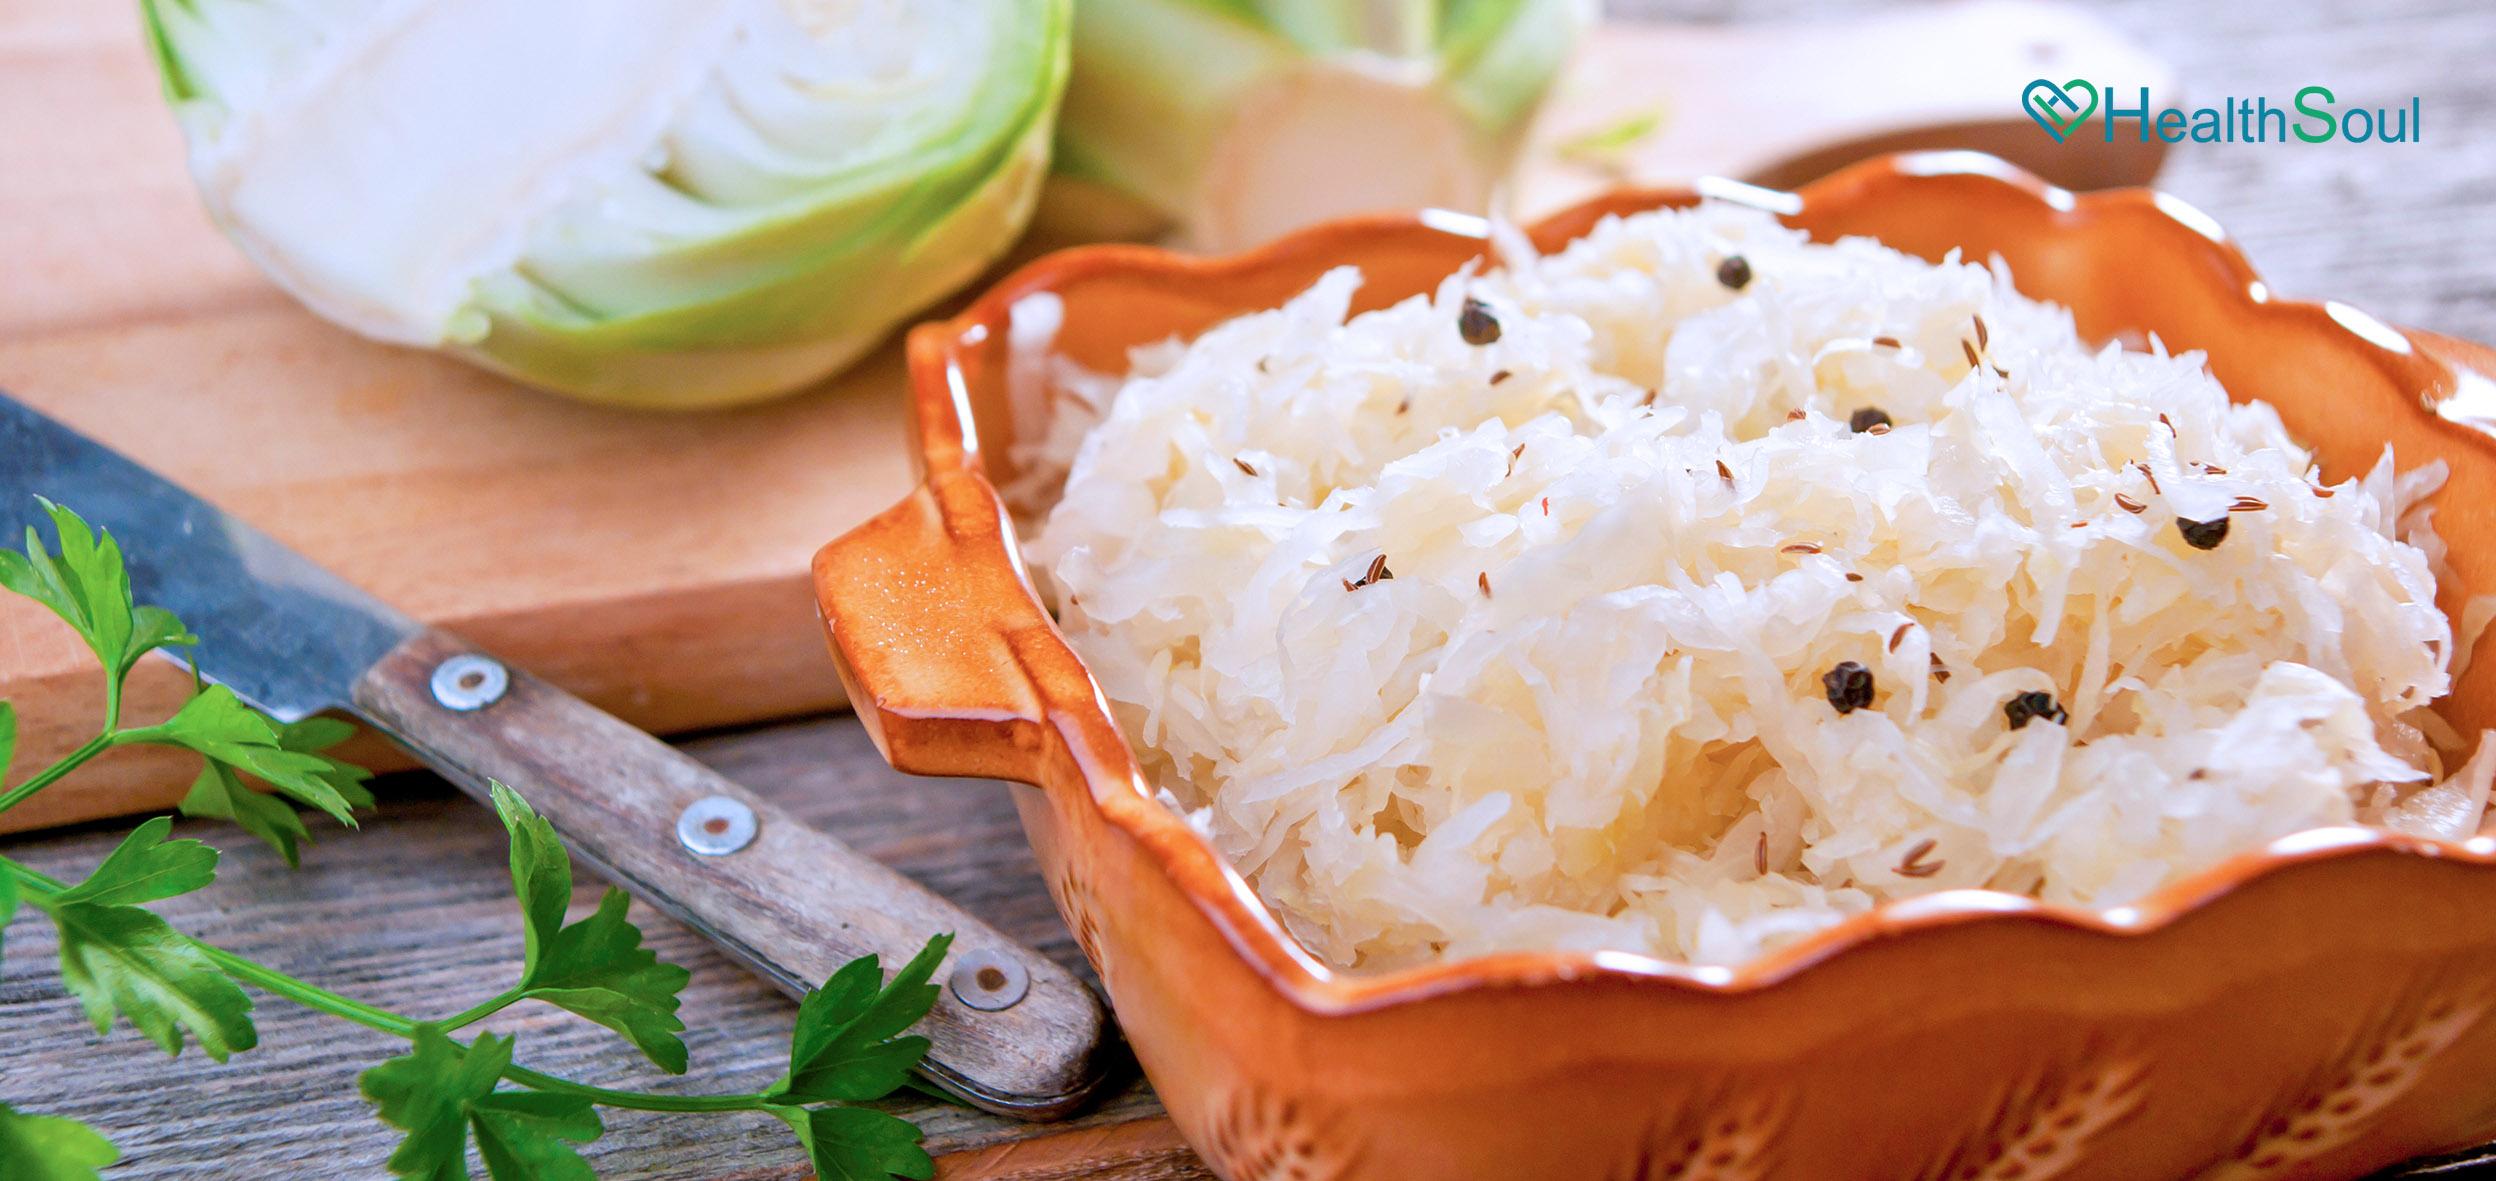 Health Benefits of Sauerkraut | HealthSoul